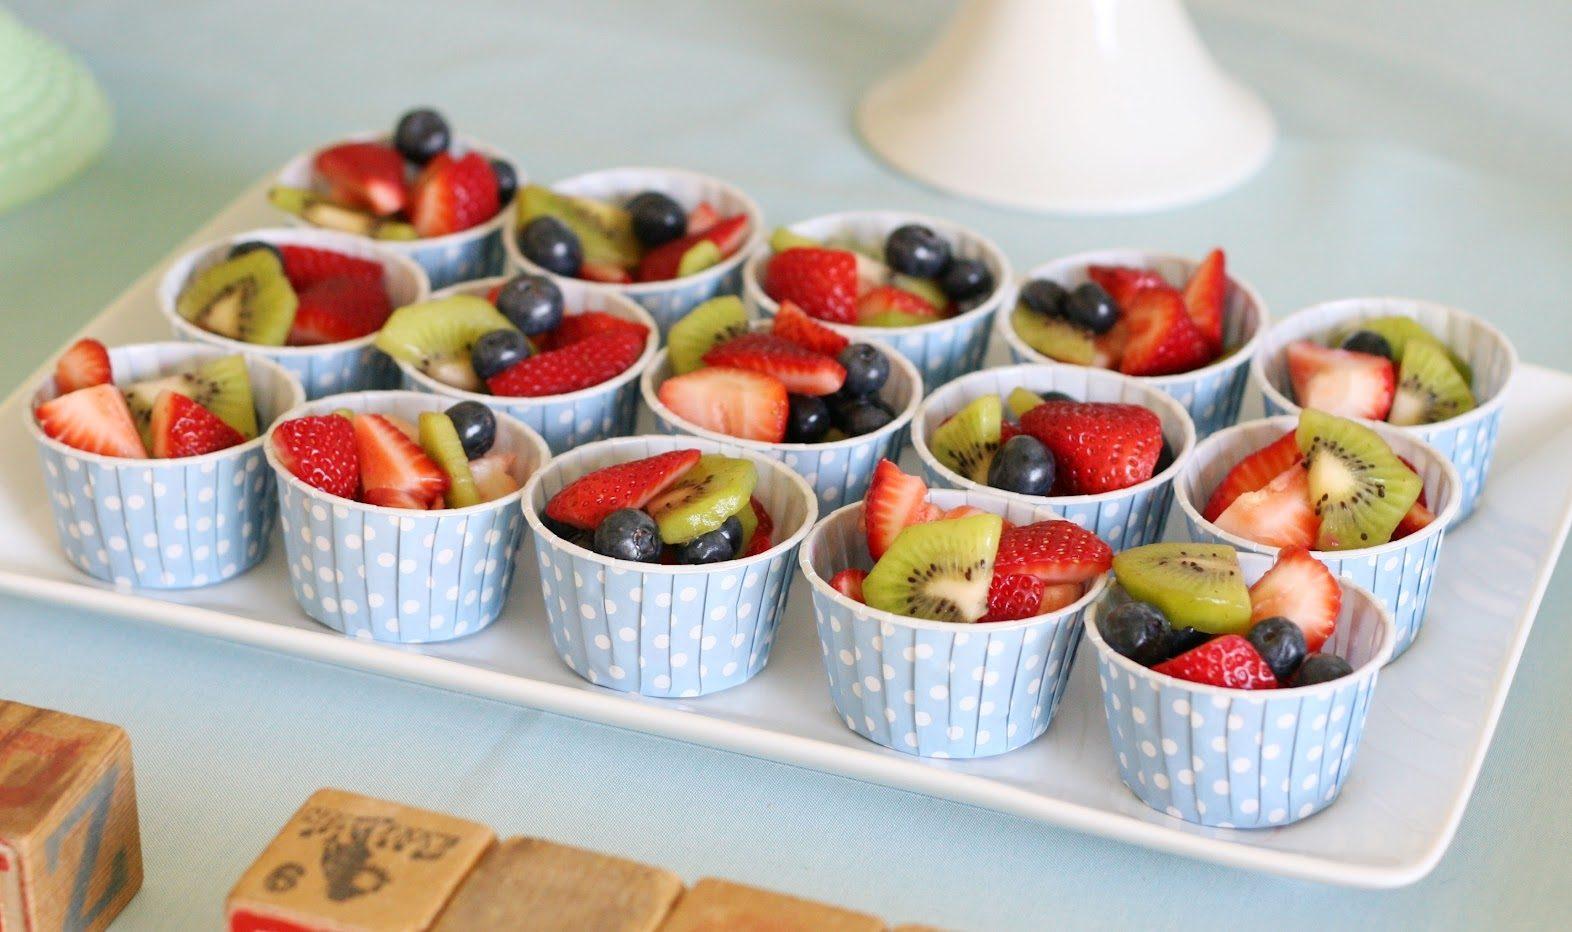 bán đồ ăn vặt cho học sinh với hoa quả dầm